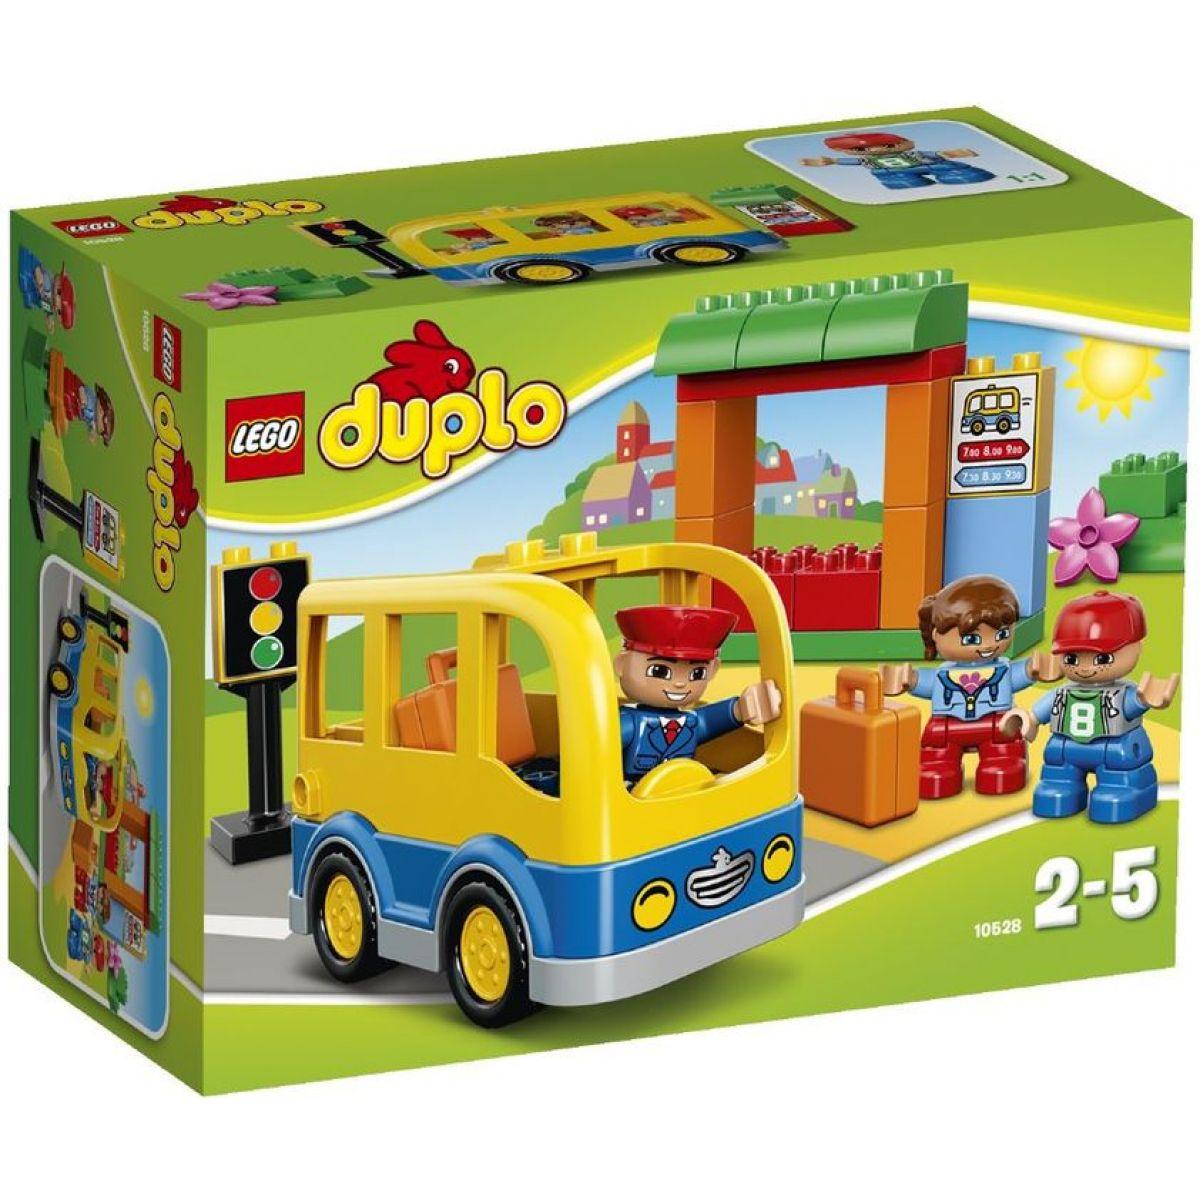 DUPLO LEGO Ville 10528 - Školní autobus